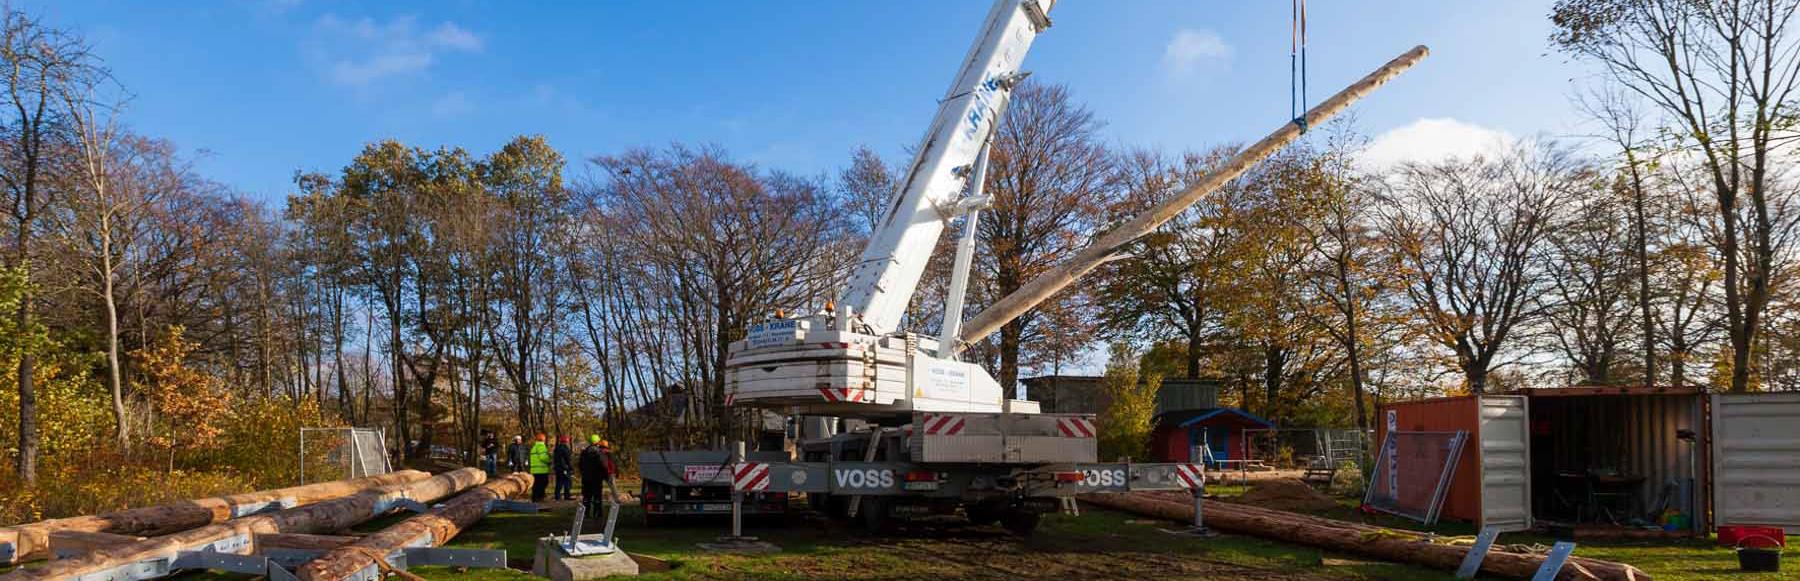 Der Trappenkamper Team Tower nimmt Gestalt an. Seit gestern ragt im Erlebniswald Trappenkamp der tonnenschwere Zentralstamm 30 Meter in die Höhe.